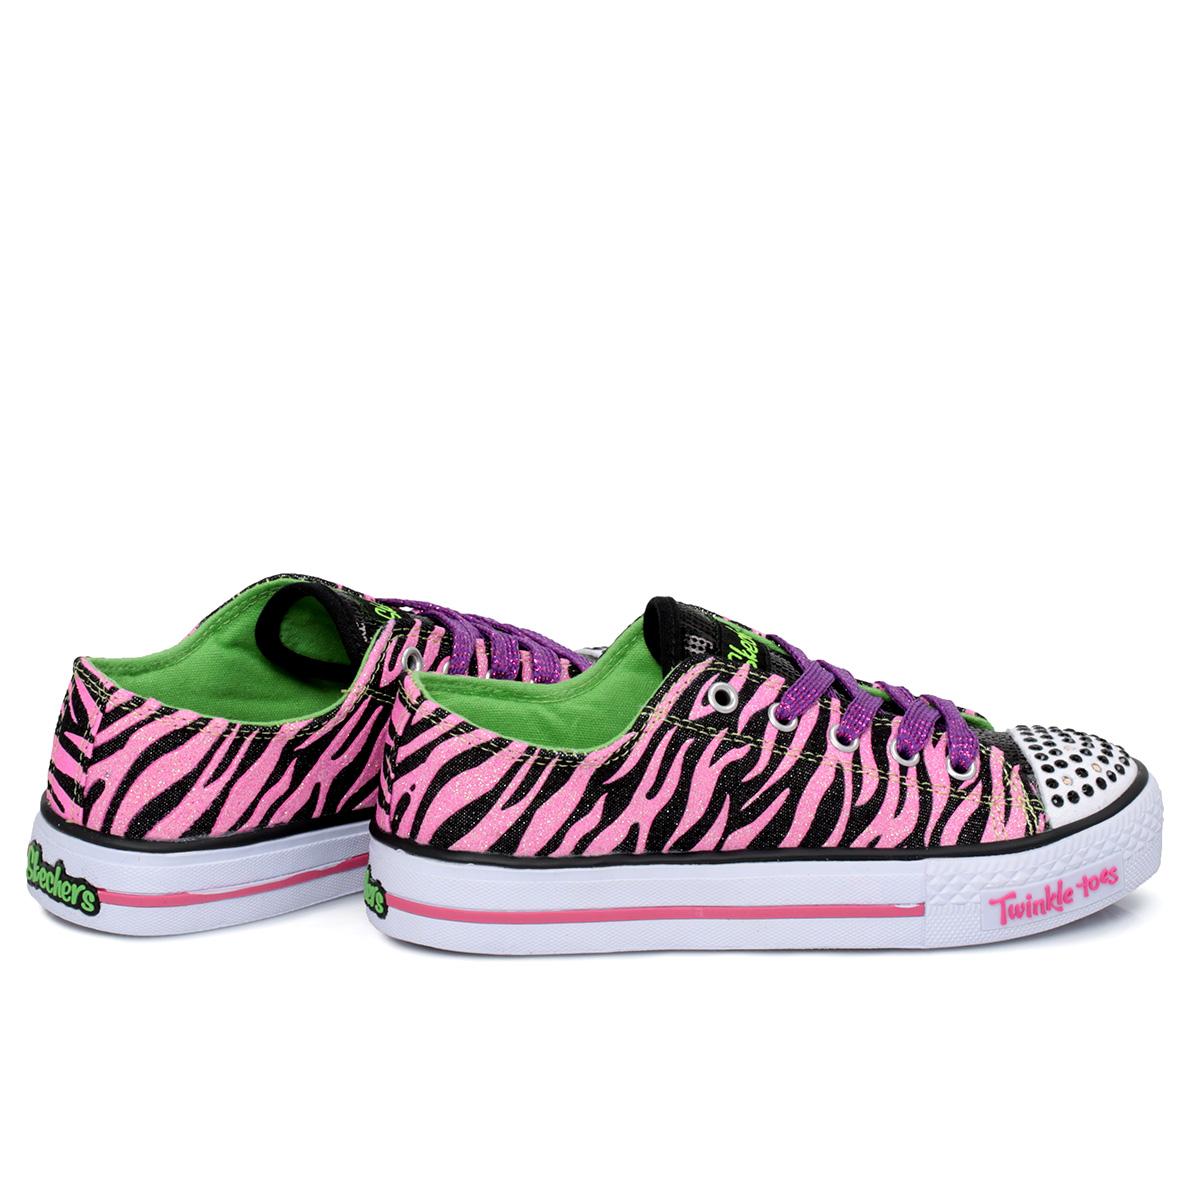 Twinkle Toes Shoe | Sears.com